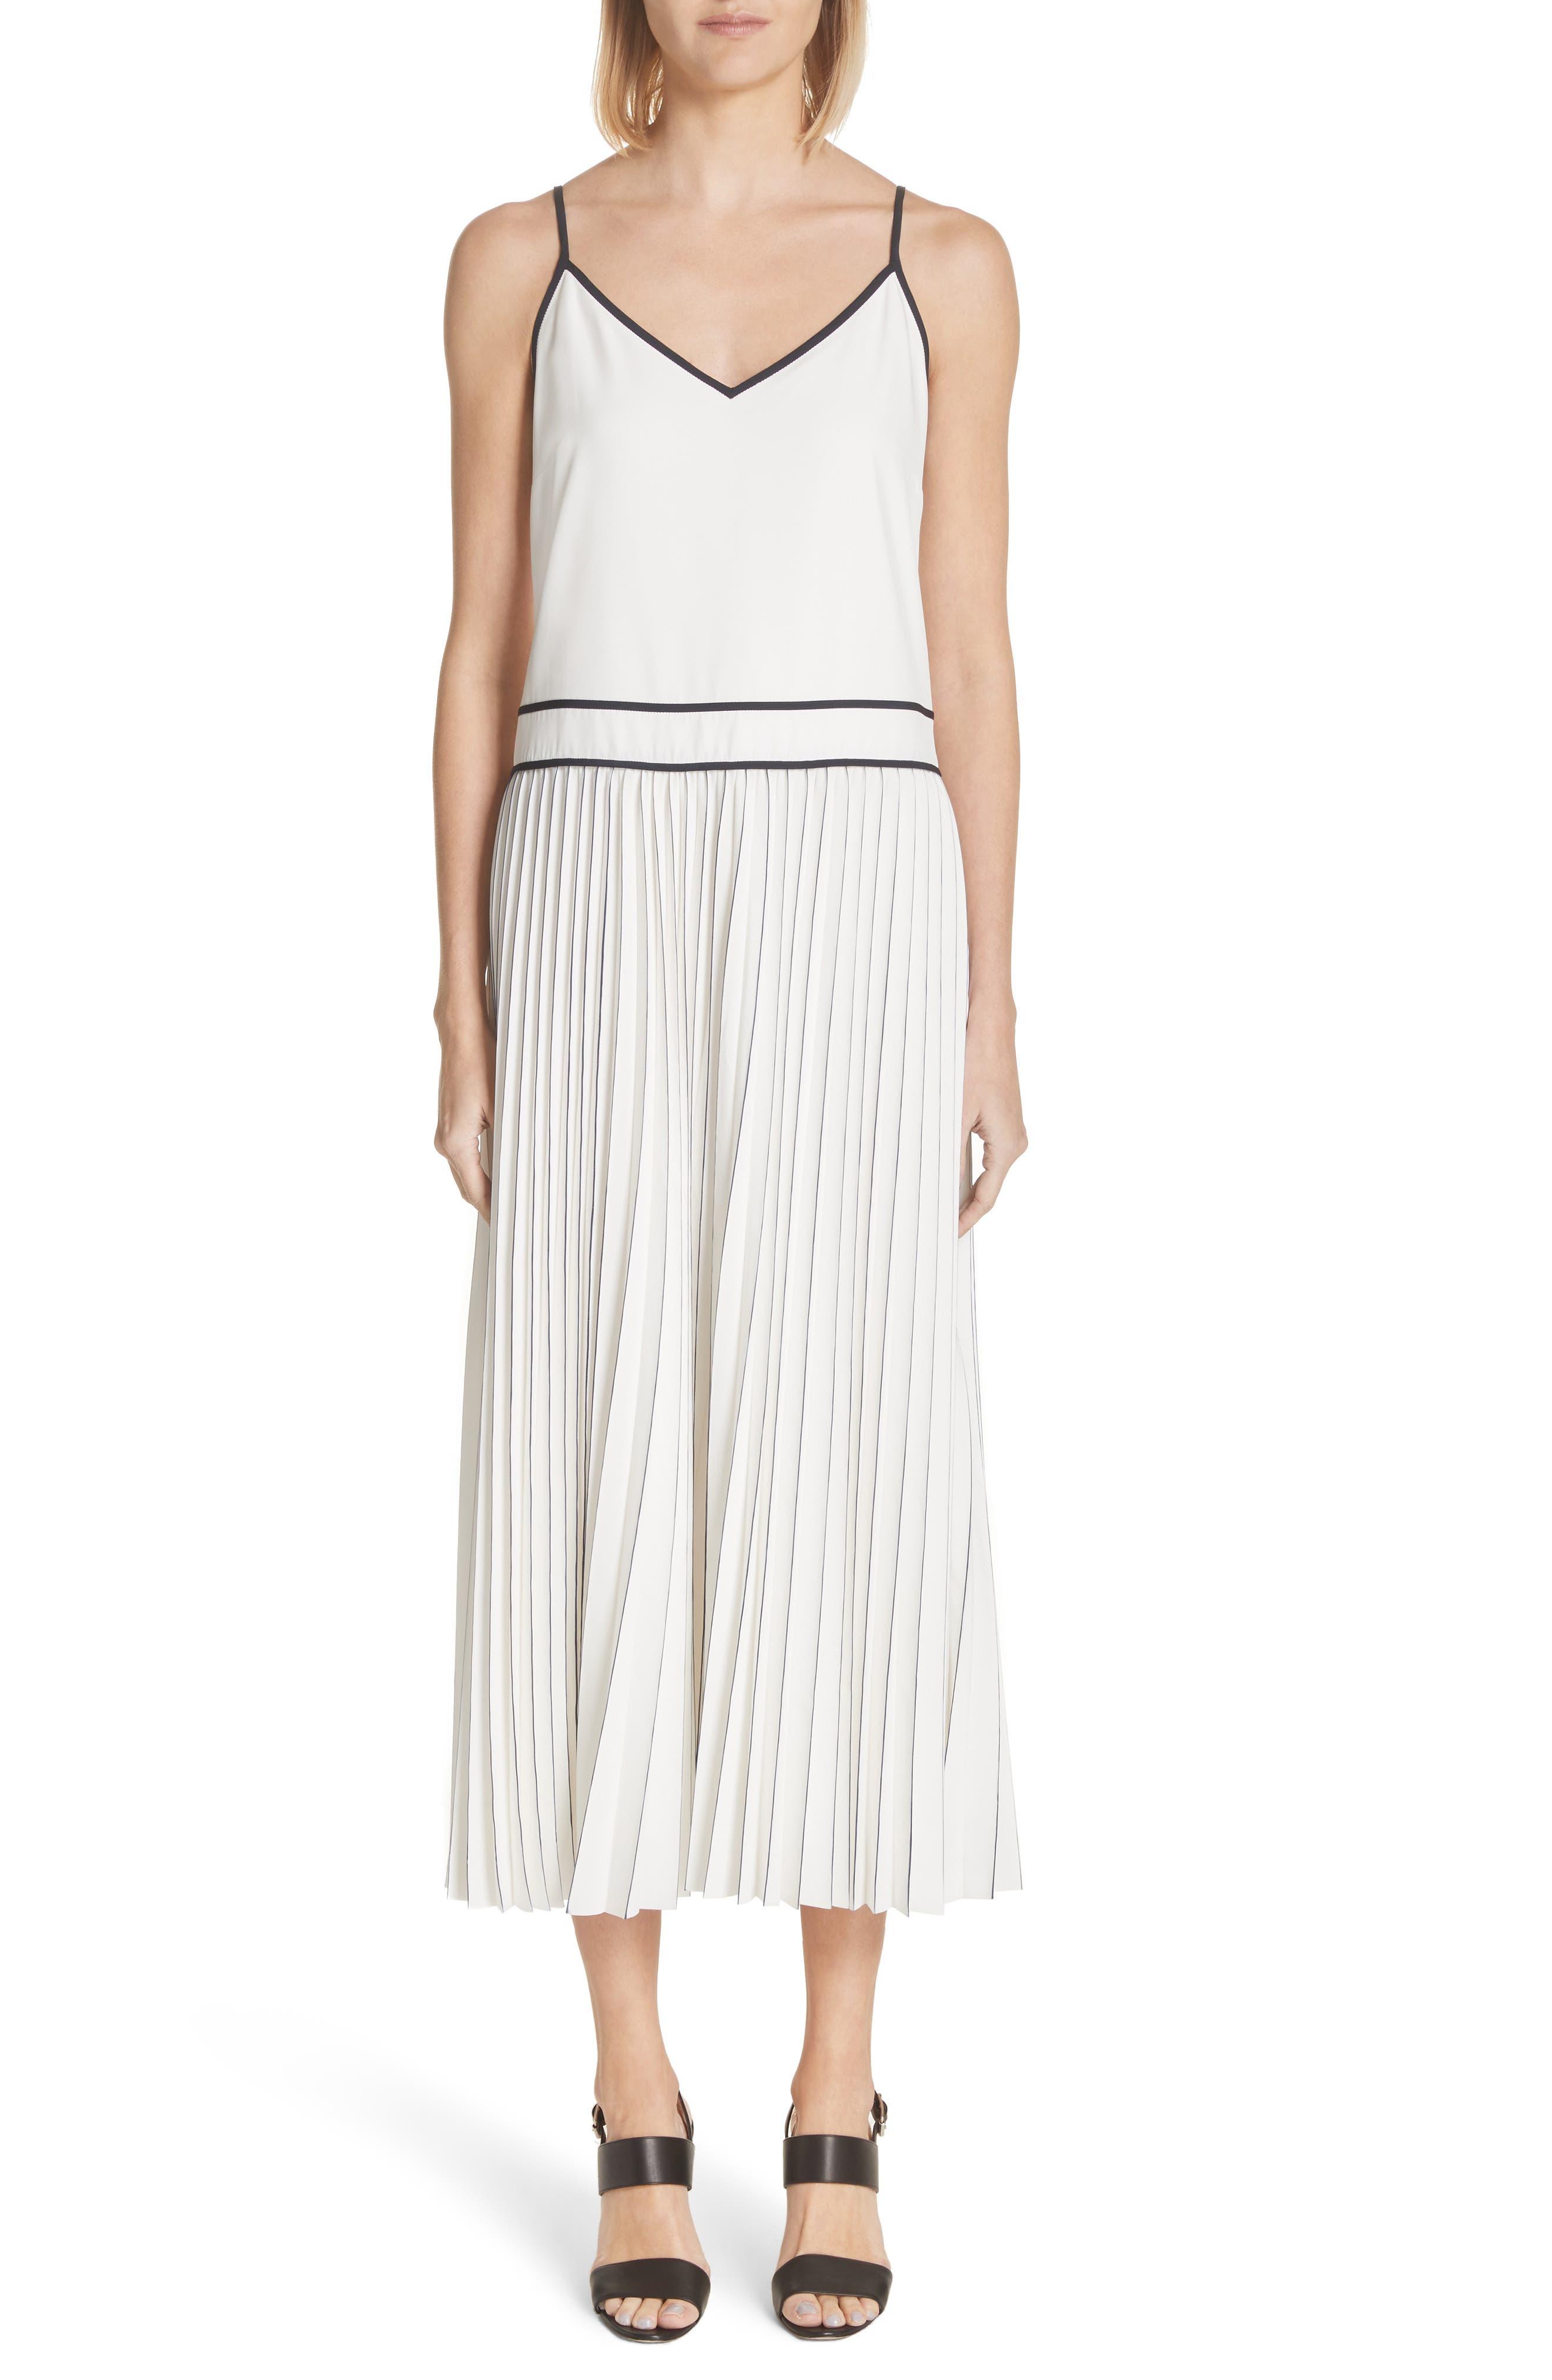 Silk Pleated Skirt Midi Dress,                         Main,                         color, Cloud Multi